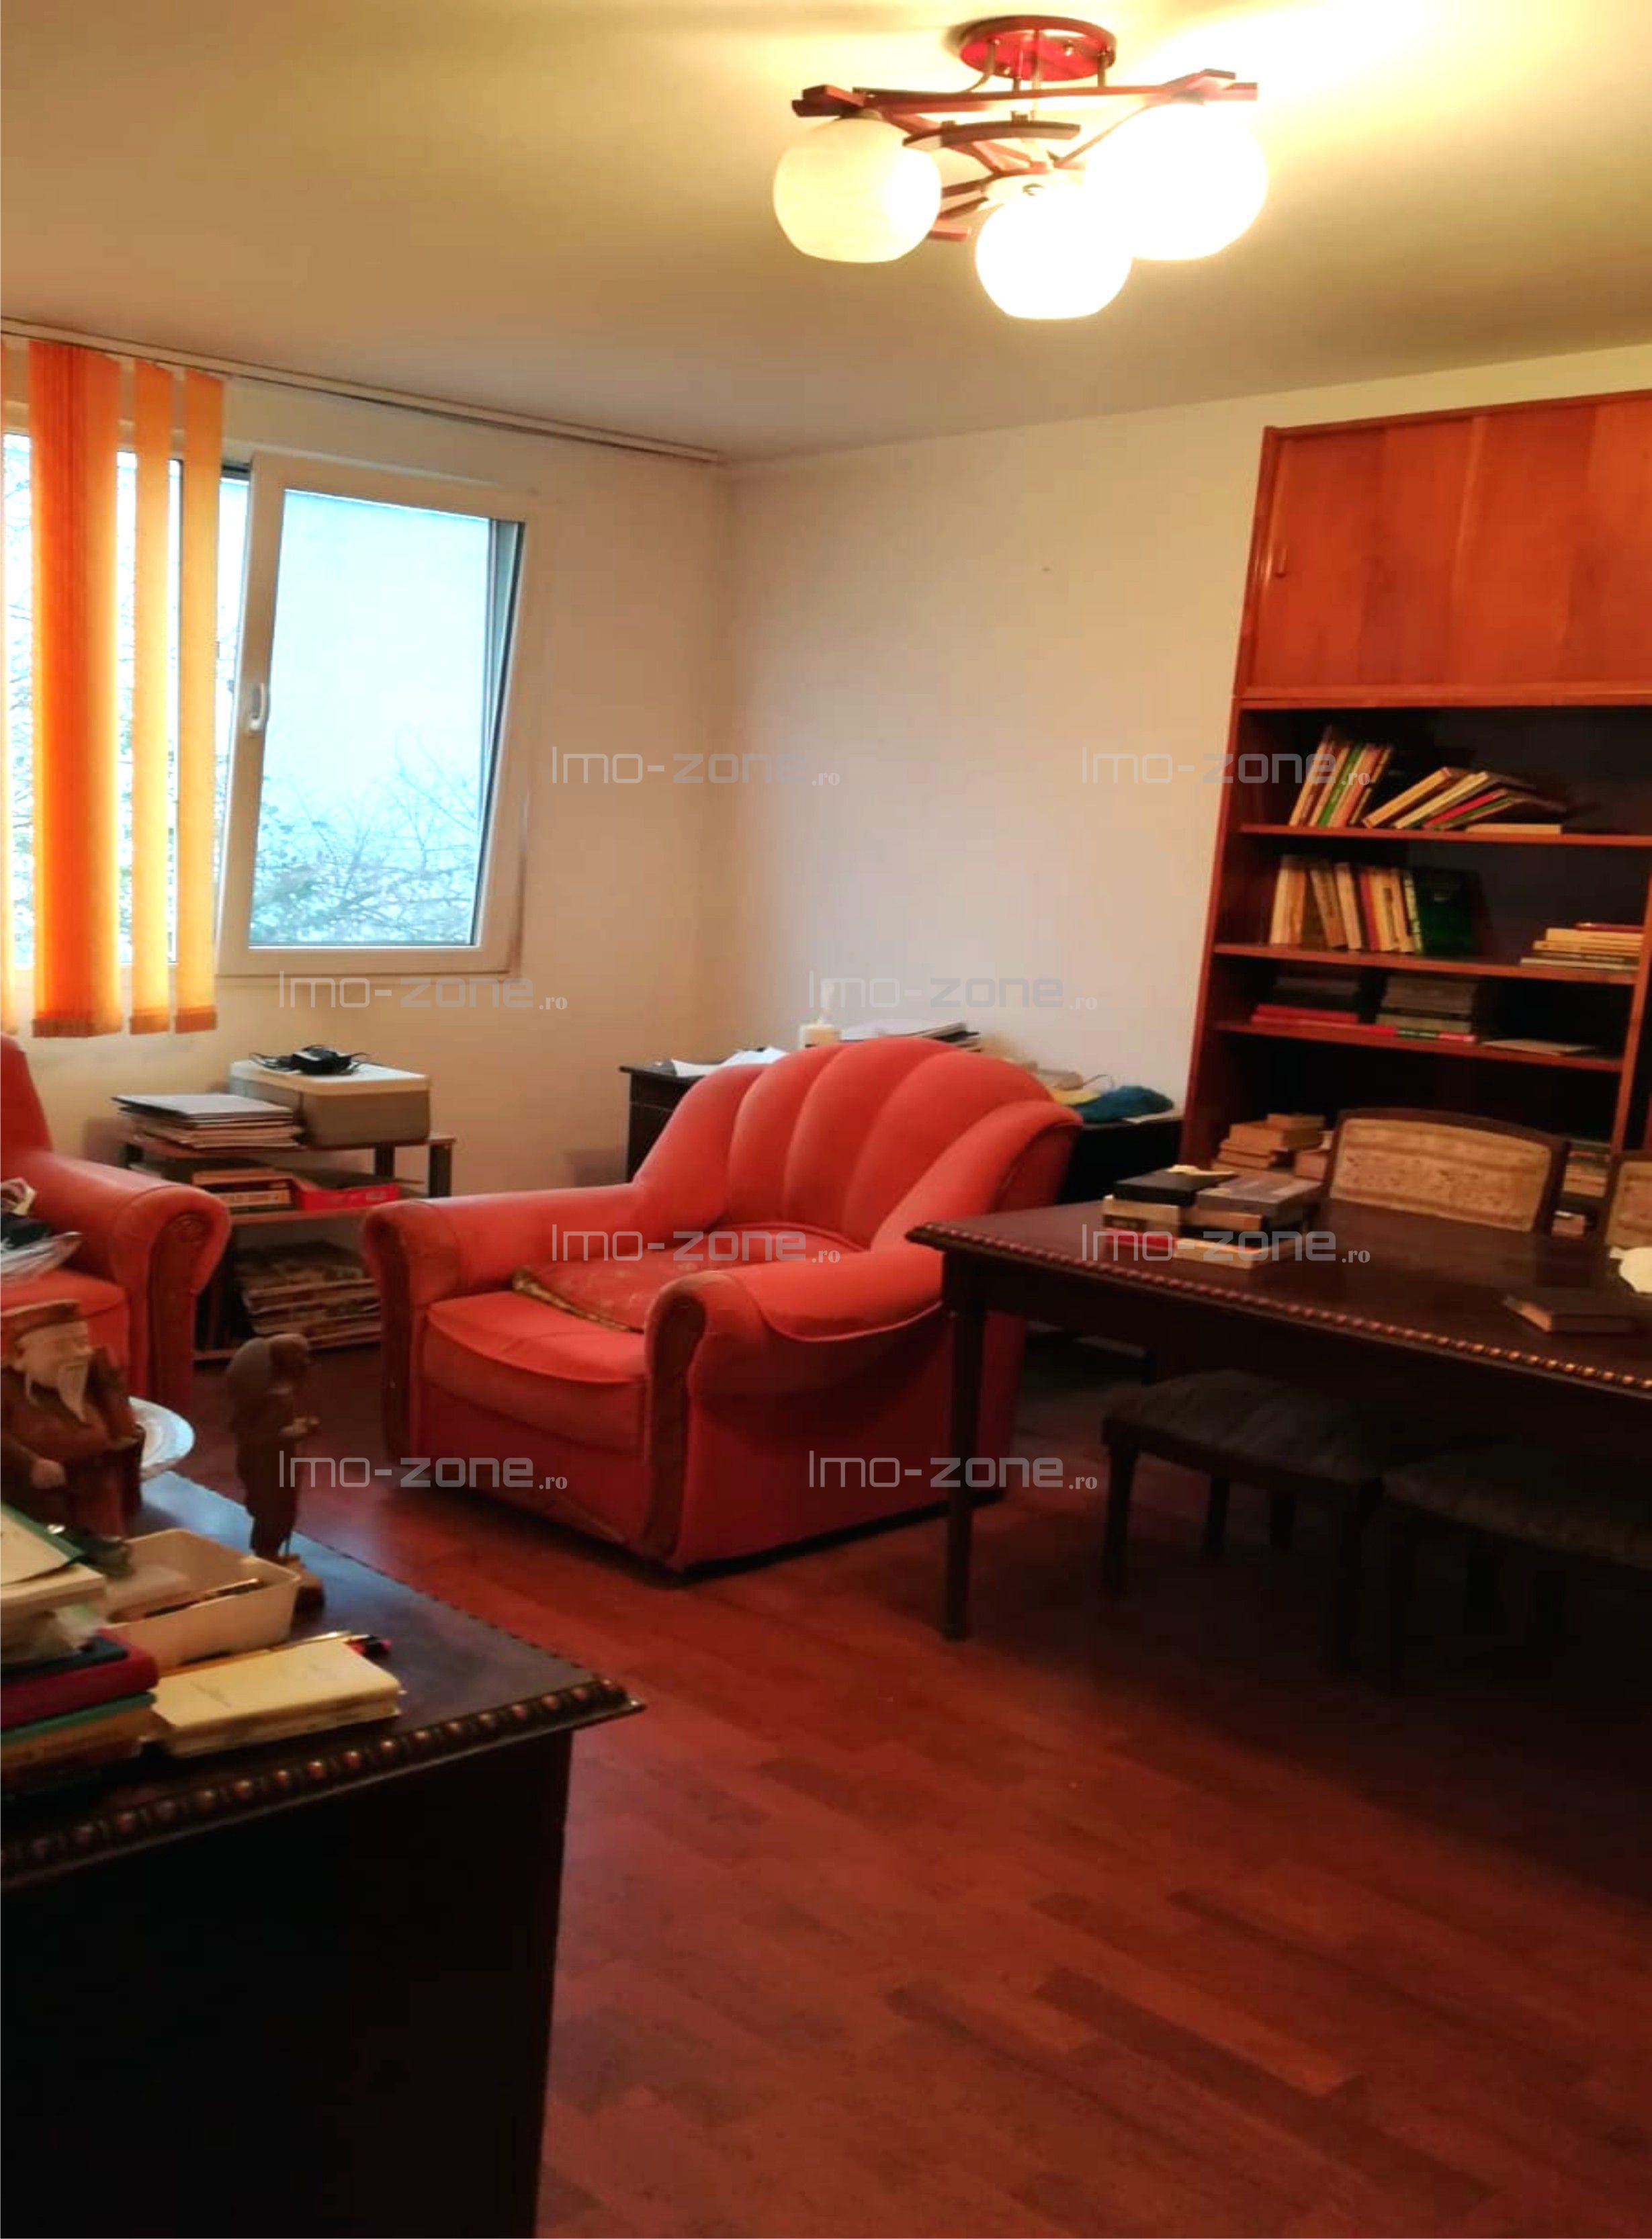 Apartament 3 camere Drumul Taberei - Valea Oltului / Bld Timisoara, bloc 4 etaje